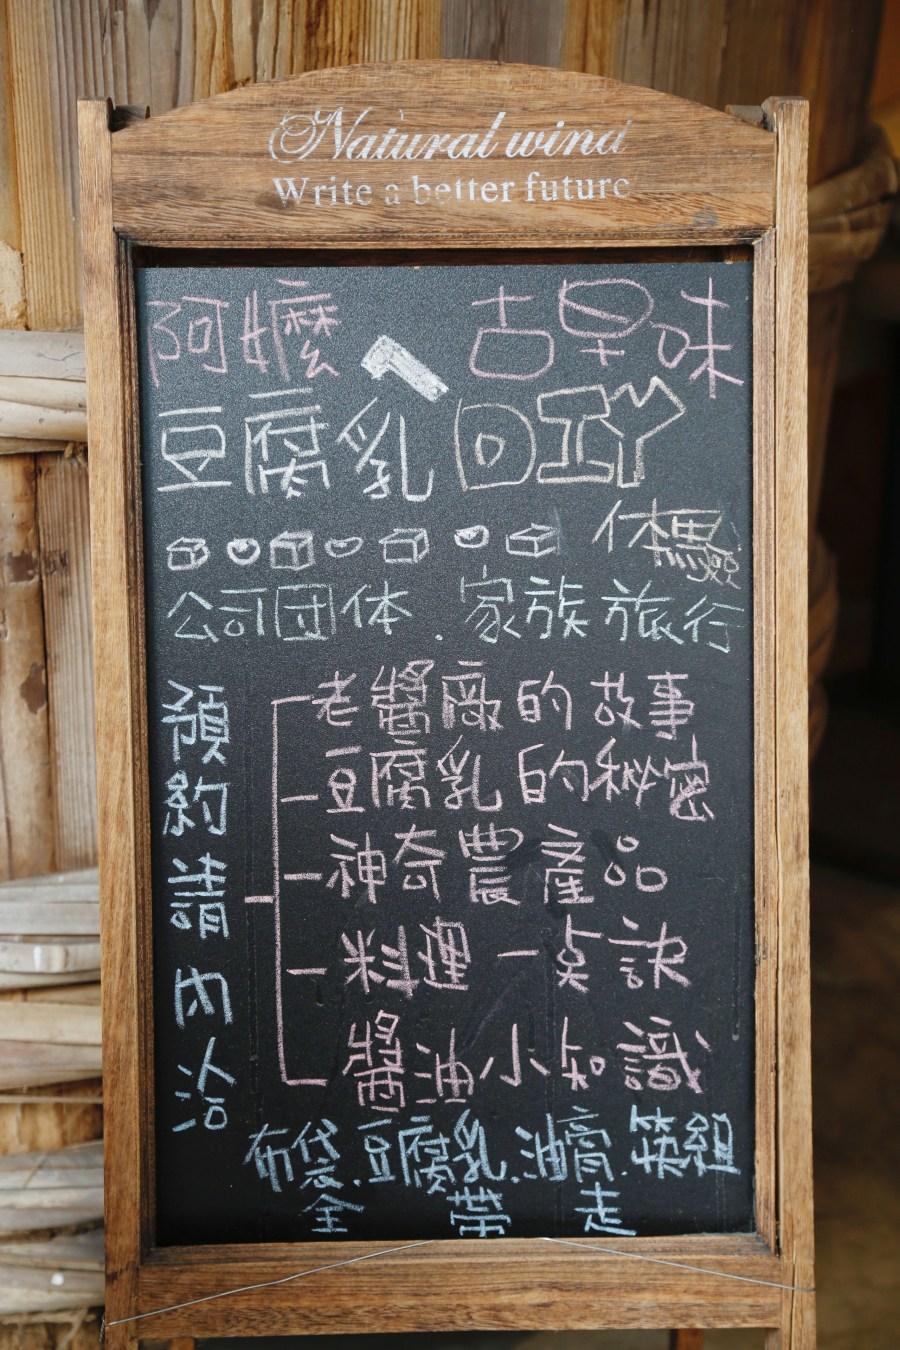 [花蓮美食]新味醬油 花蓮市區觀光新景點~阿嬤古早味豆腐乳DIY.依照古法釀製醬油滿滿豆麥香 @VIVIYU小世界